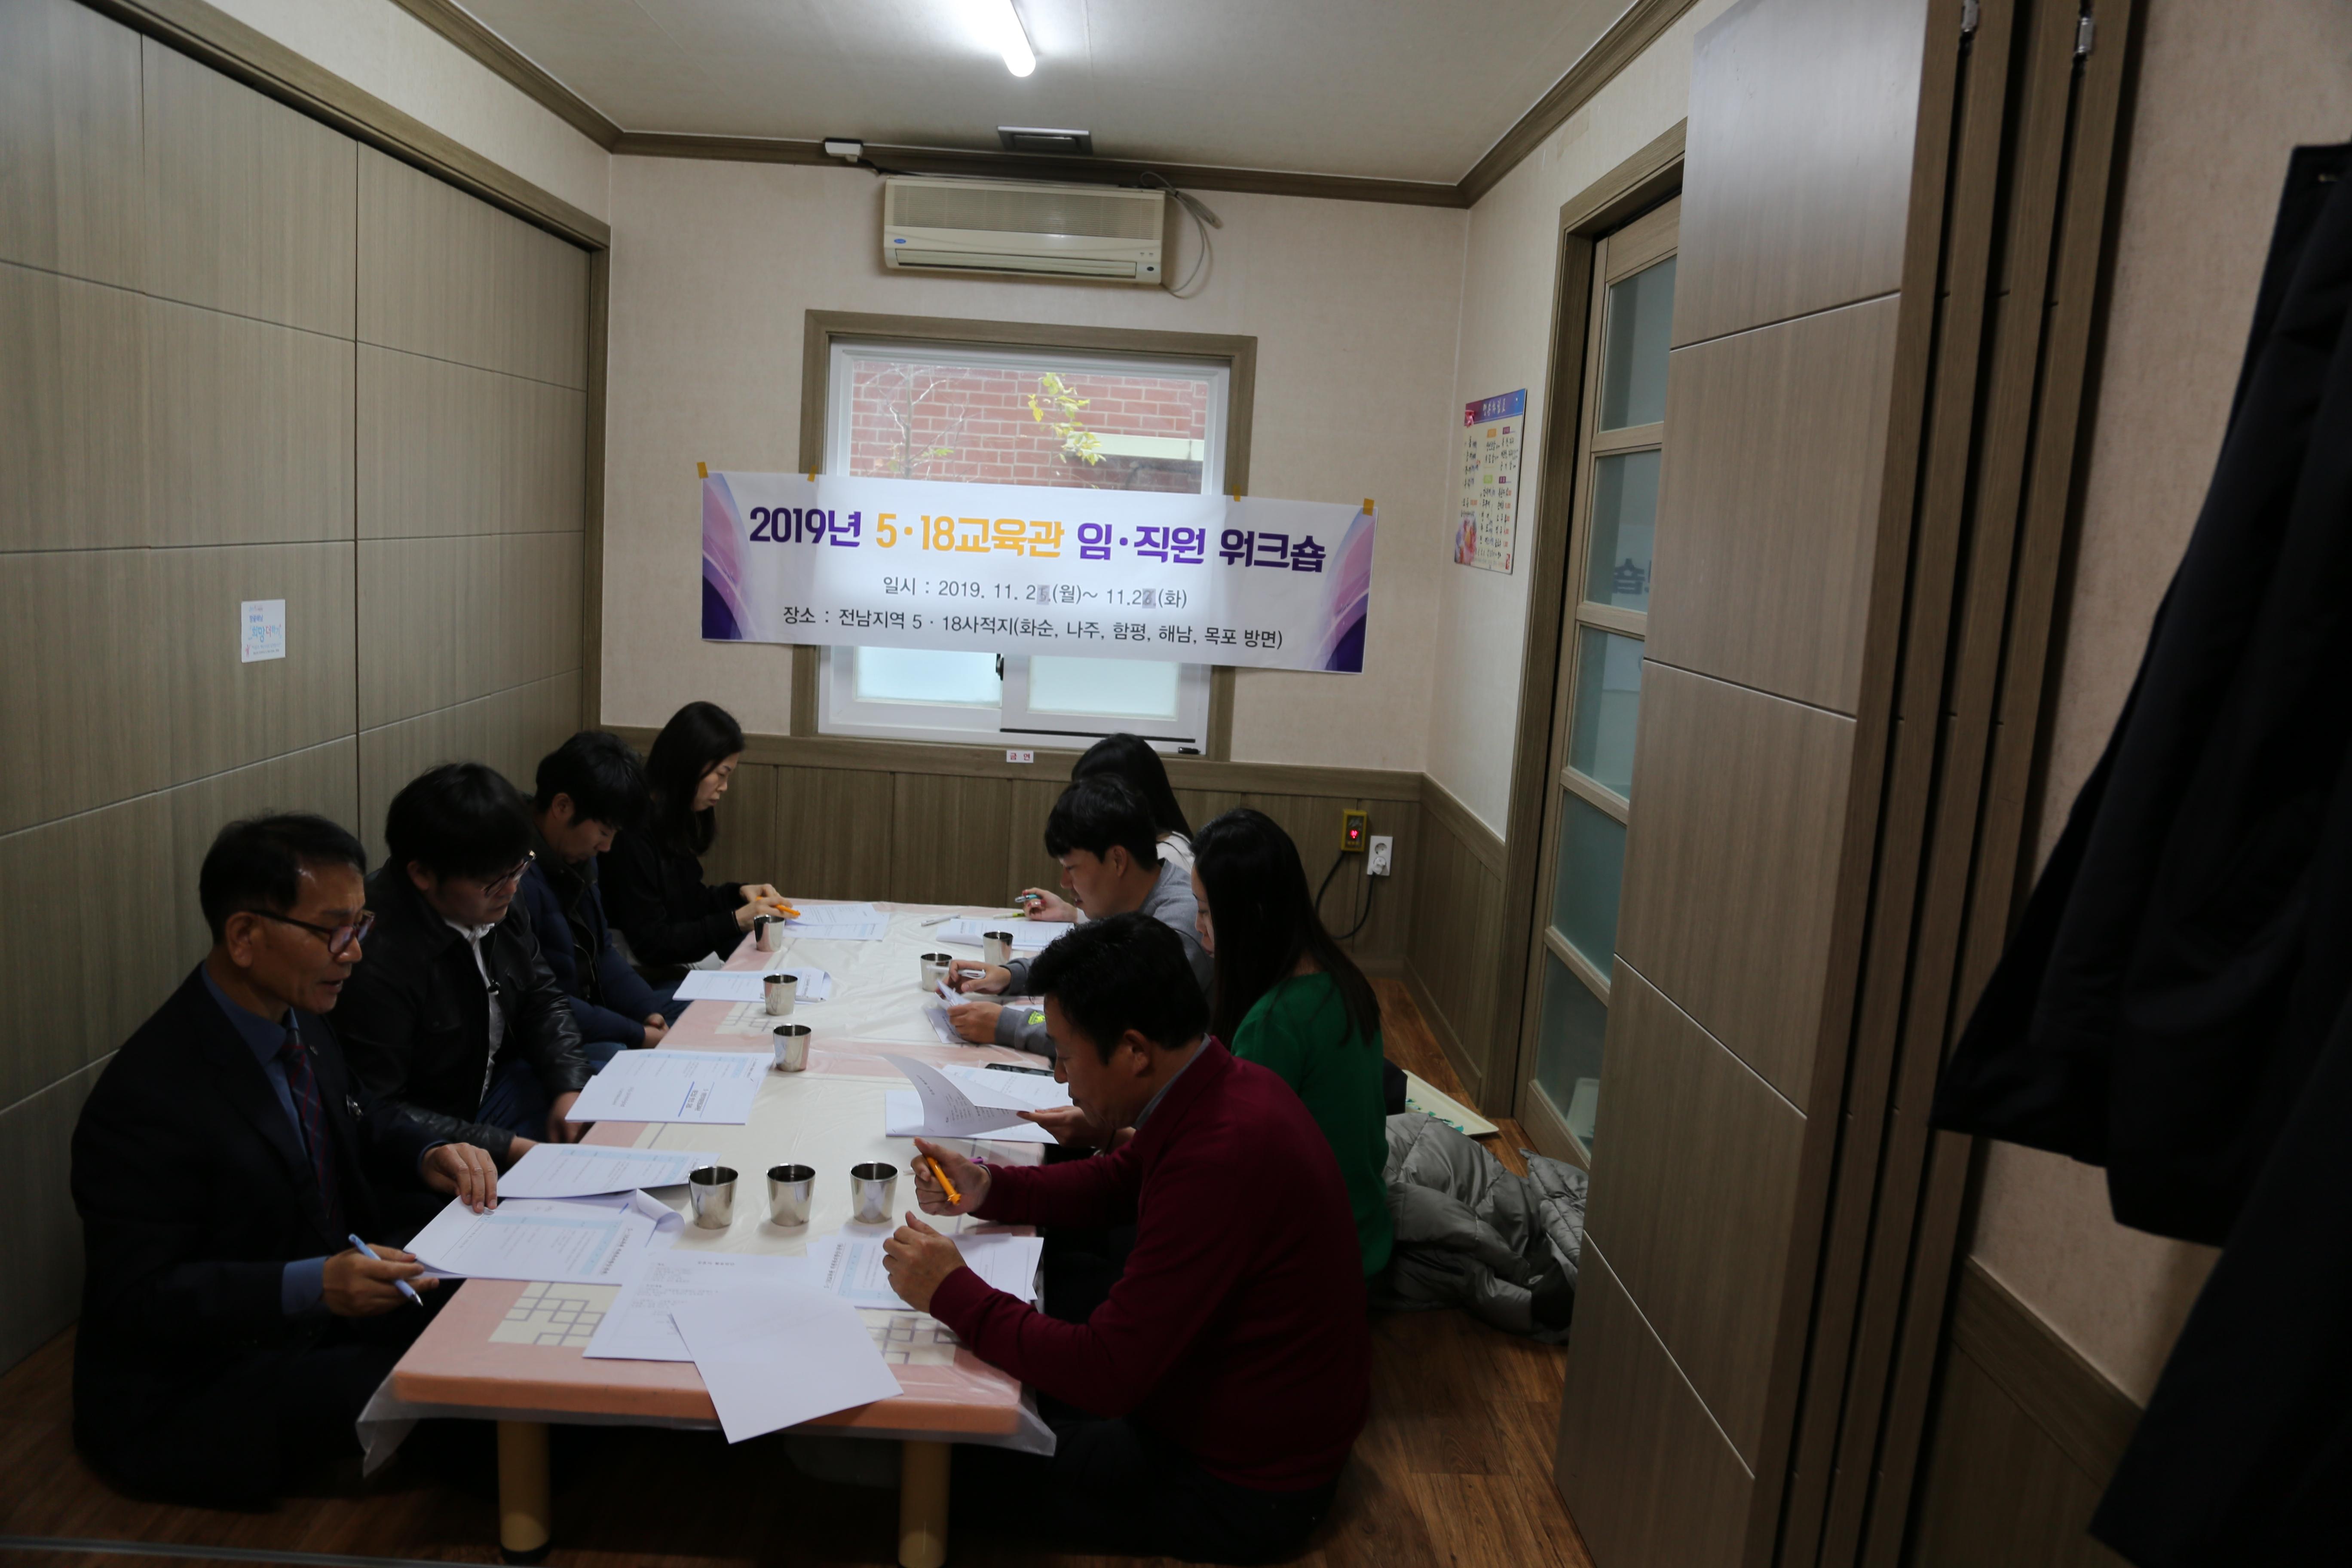 교육관 방전방안 논의 1.JPG